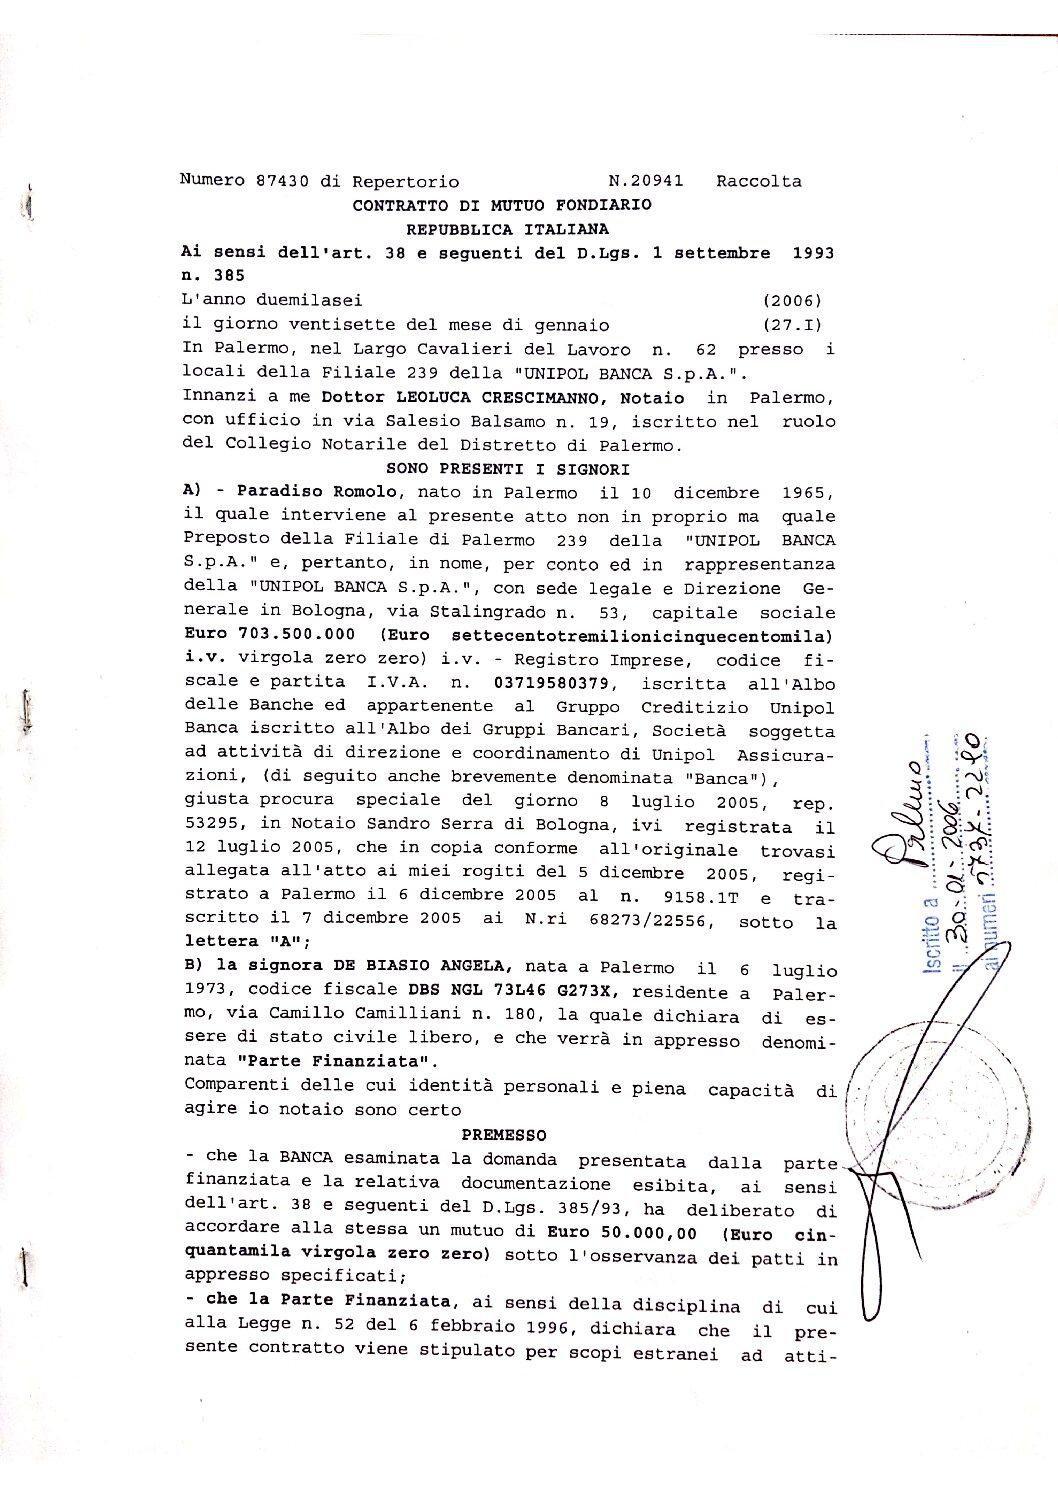 contratto mutuo_via Oreto _de Biasi